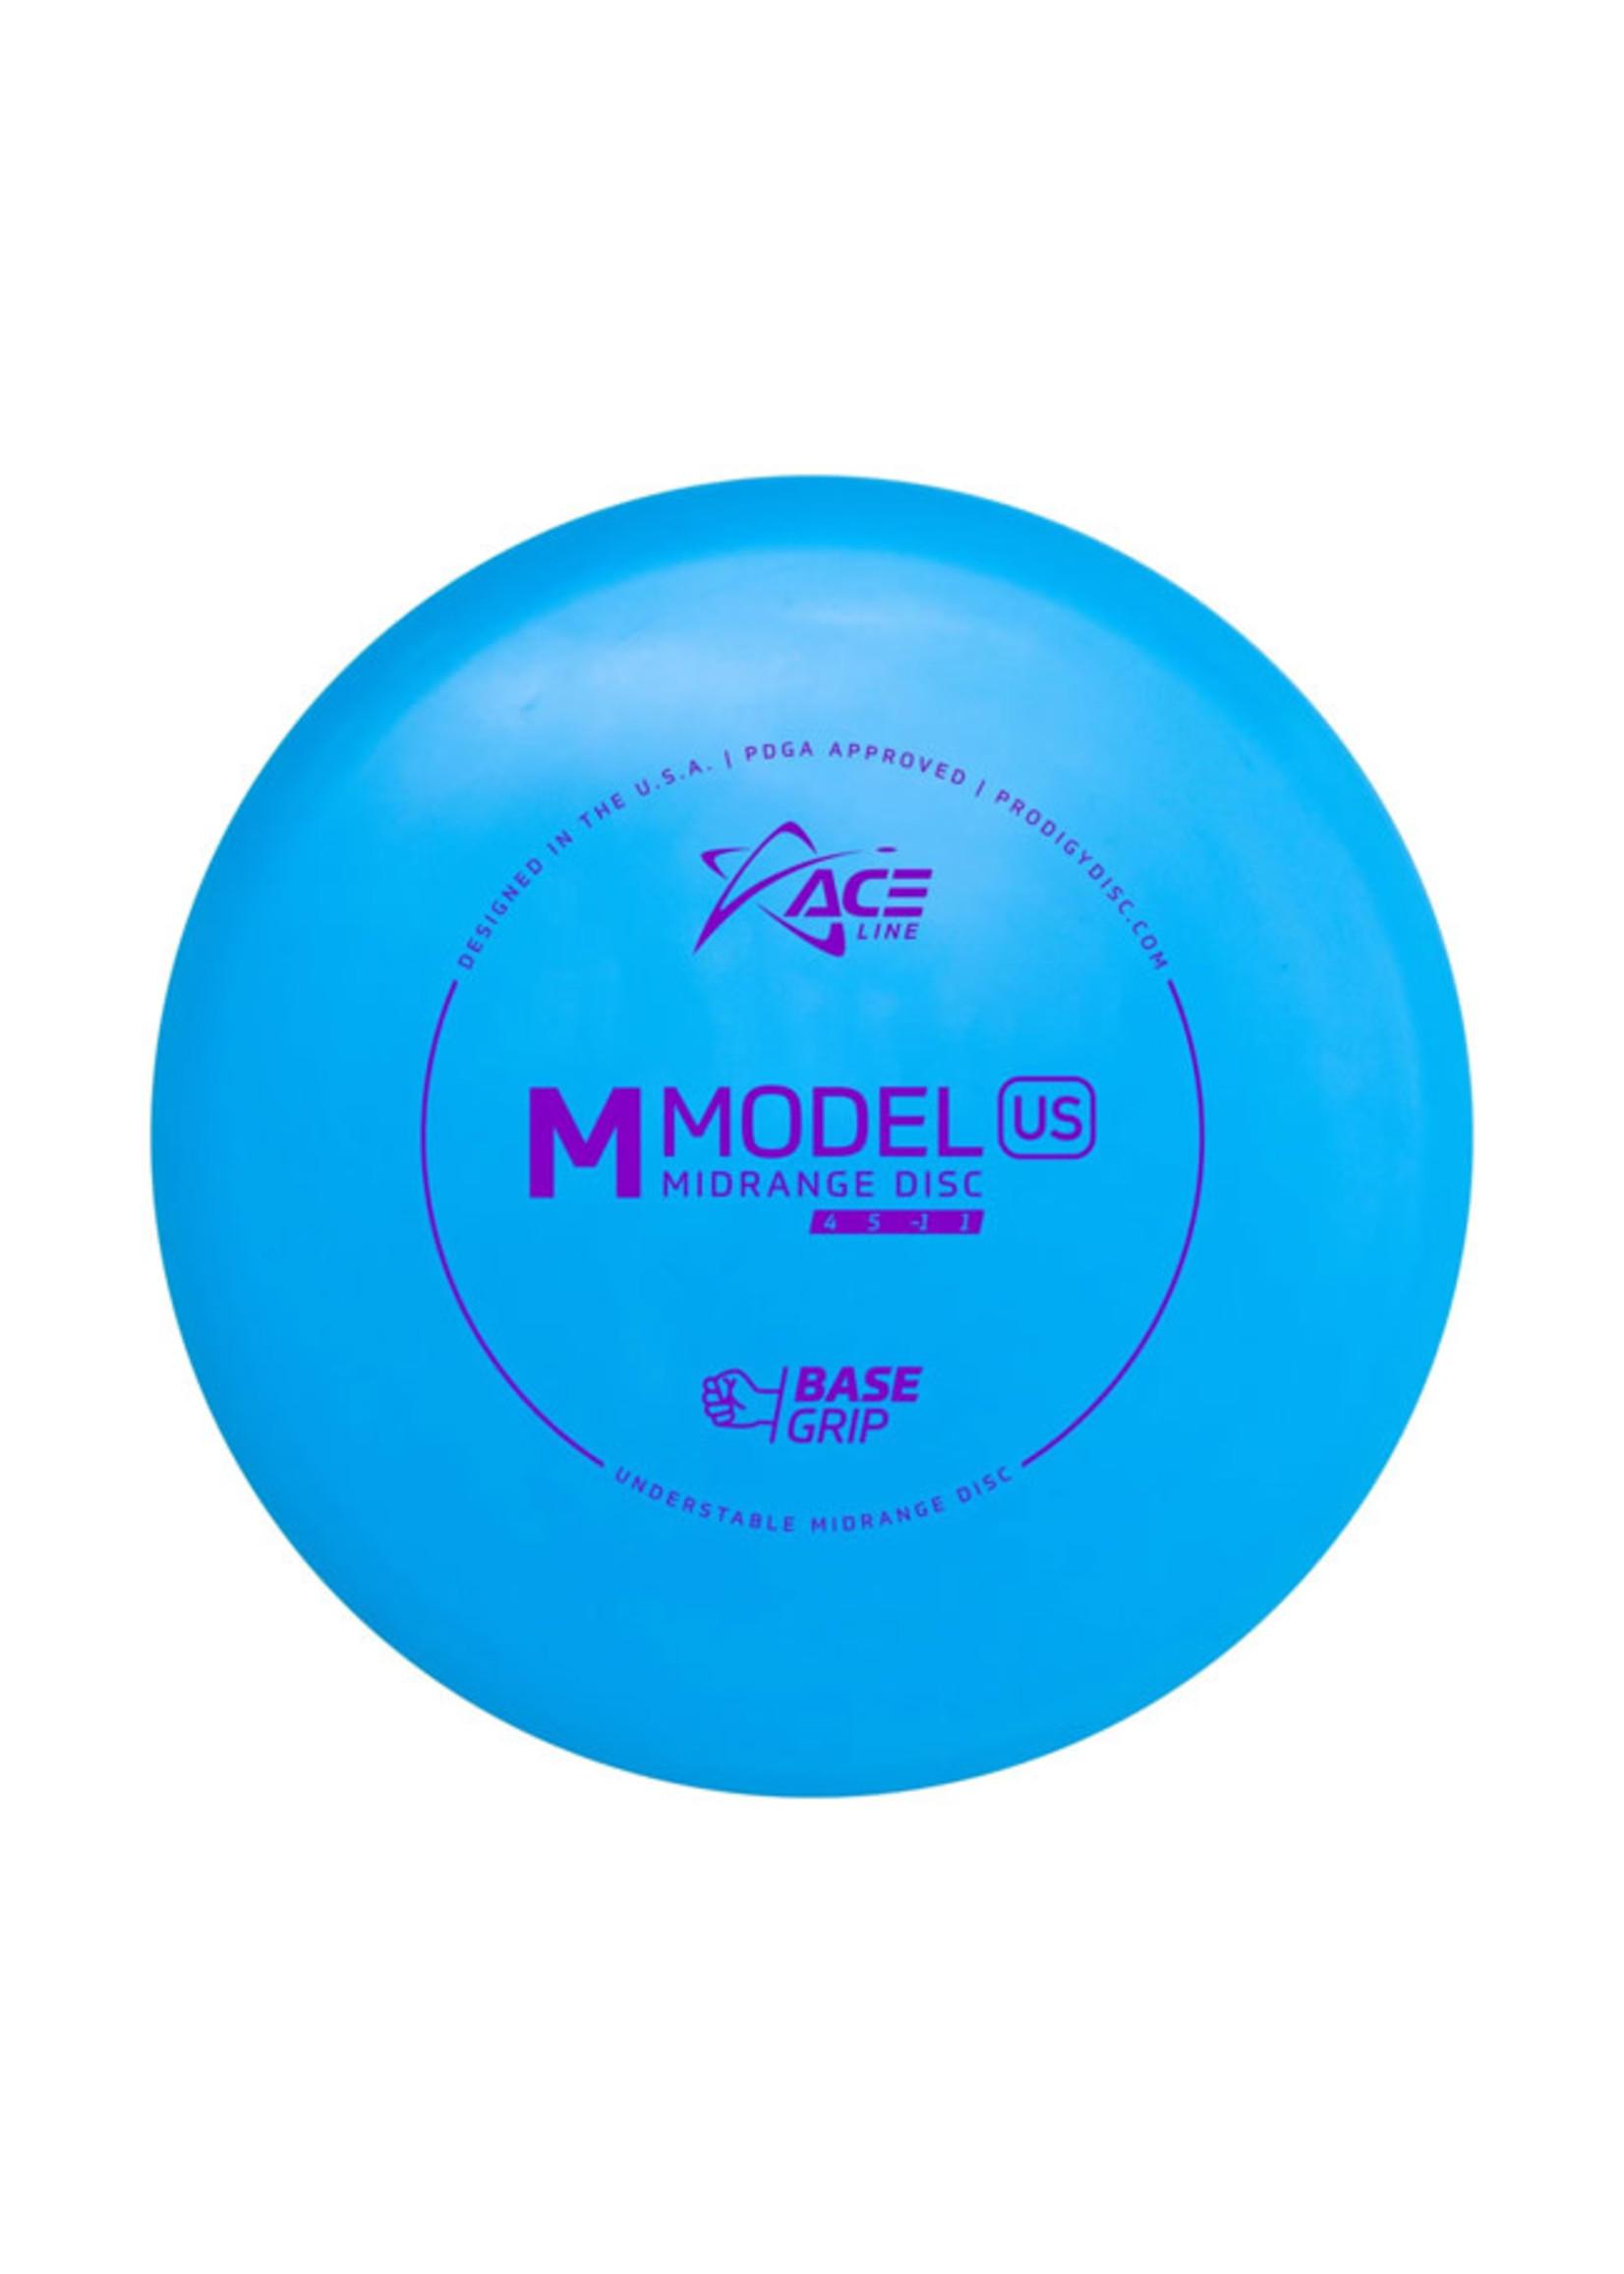 Prodigy Prodigy Ace M Model US Midrange Disc